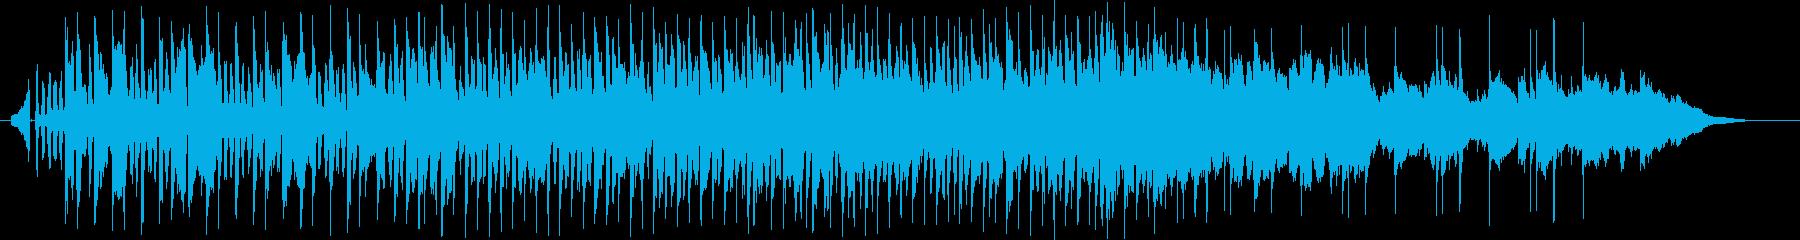 思わず踊りたくなるテクノポップの再生済みの波形